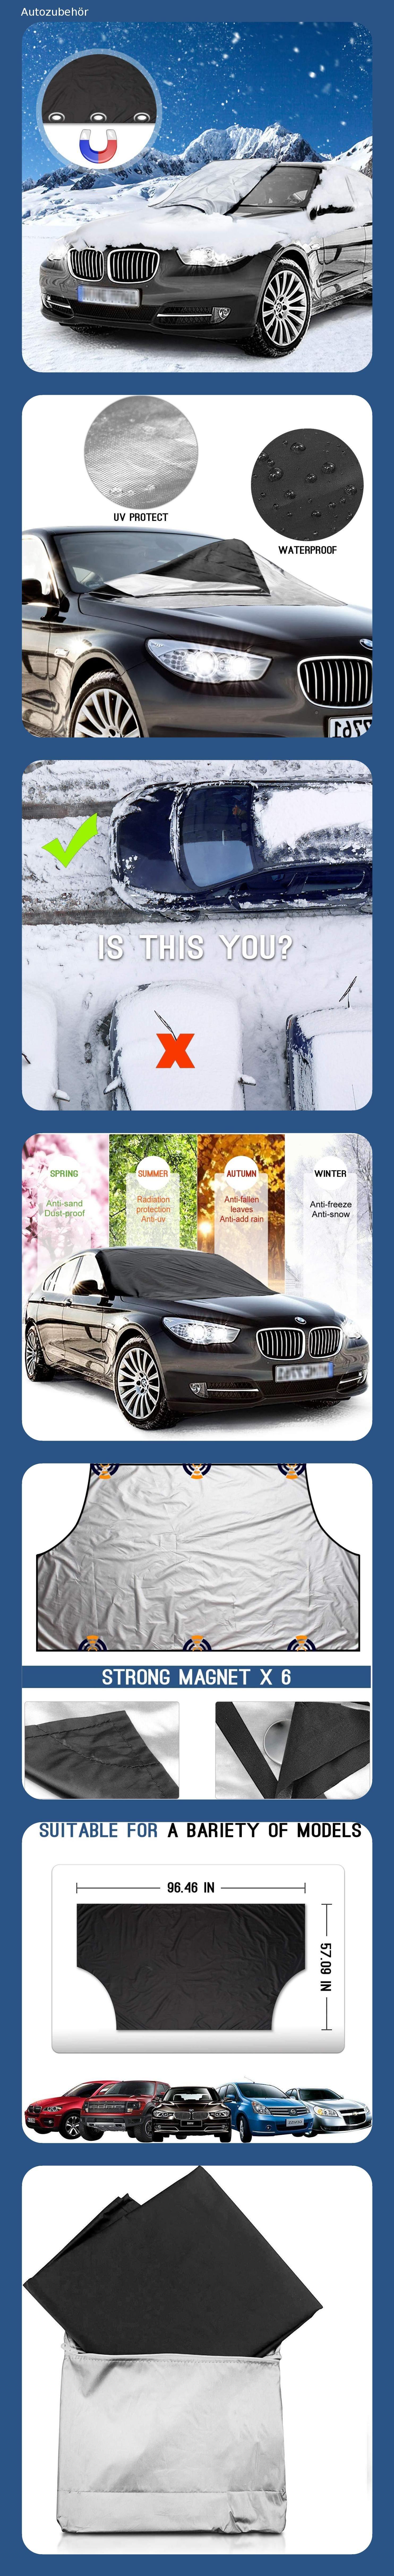 Schwarz Alcoon 2 St/ück Auto Sonnenschutz//Sonnenblenden f/ür Baby mit UV Schutz Autofenster Sonnenblende f/ür die Meisten Autos Sch/ützt Babys vor Sonnenstrahlen Tragbare Auto Sonnenblende